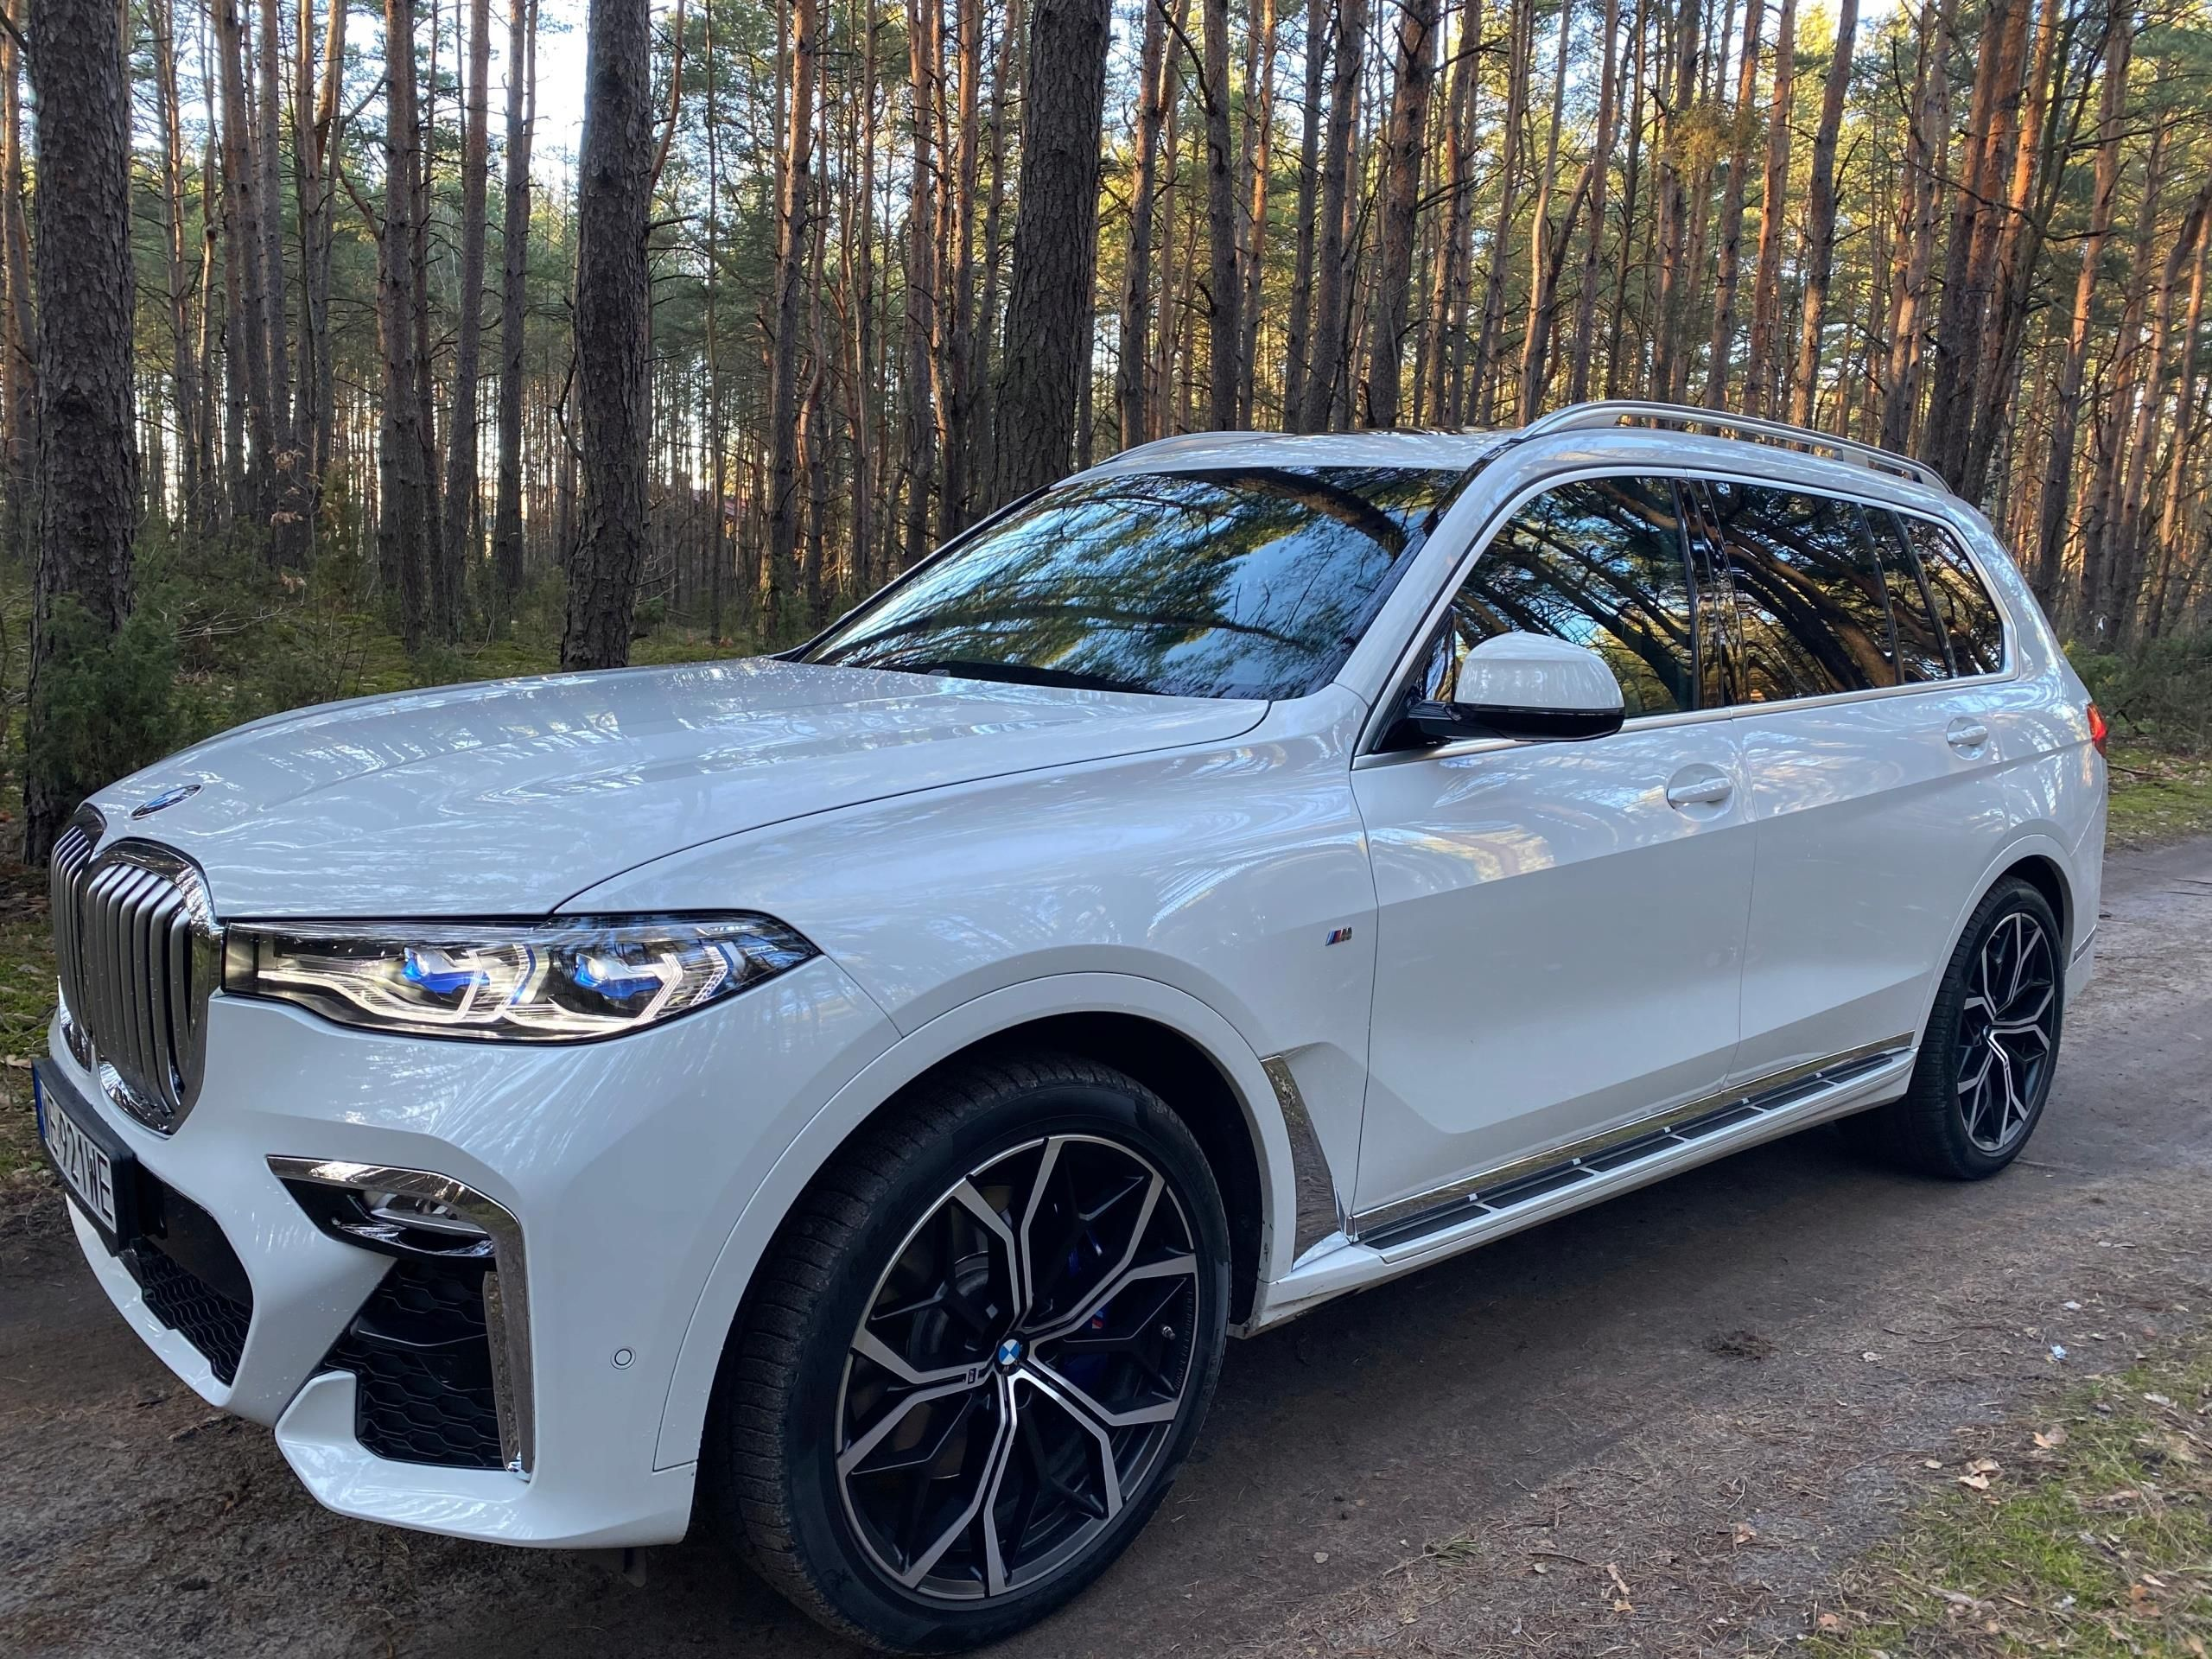 Bmw X7 Polska 2019r Kupiony W Bawaria Motors W Wa Opinie I Ceny Na Ceneo Pl